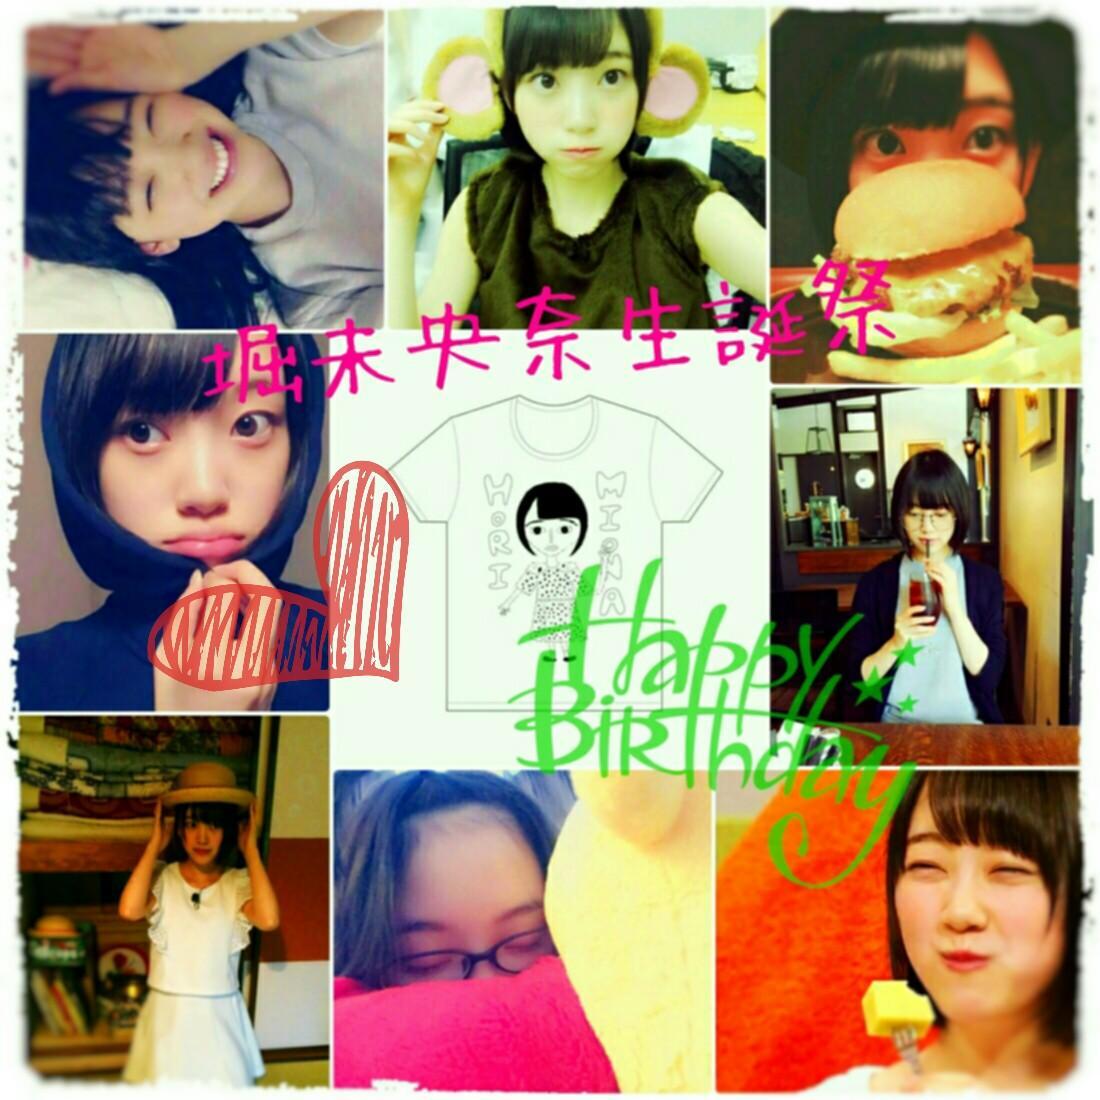 http://twitter.com/atuzoko46/status/654310706020397056/photo/1